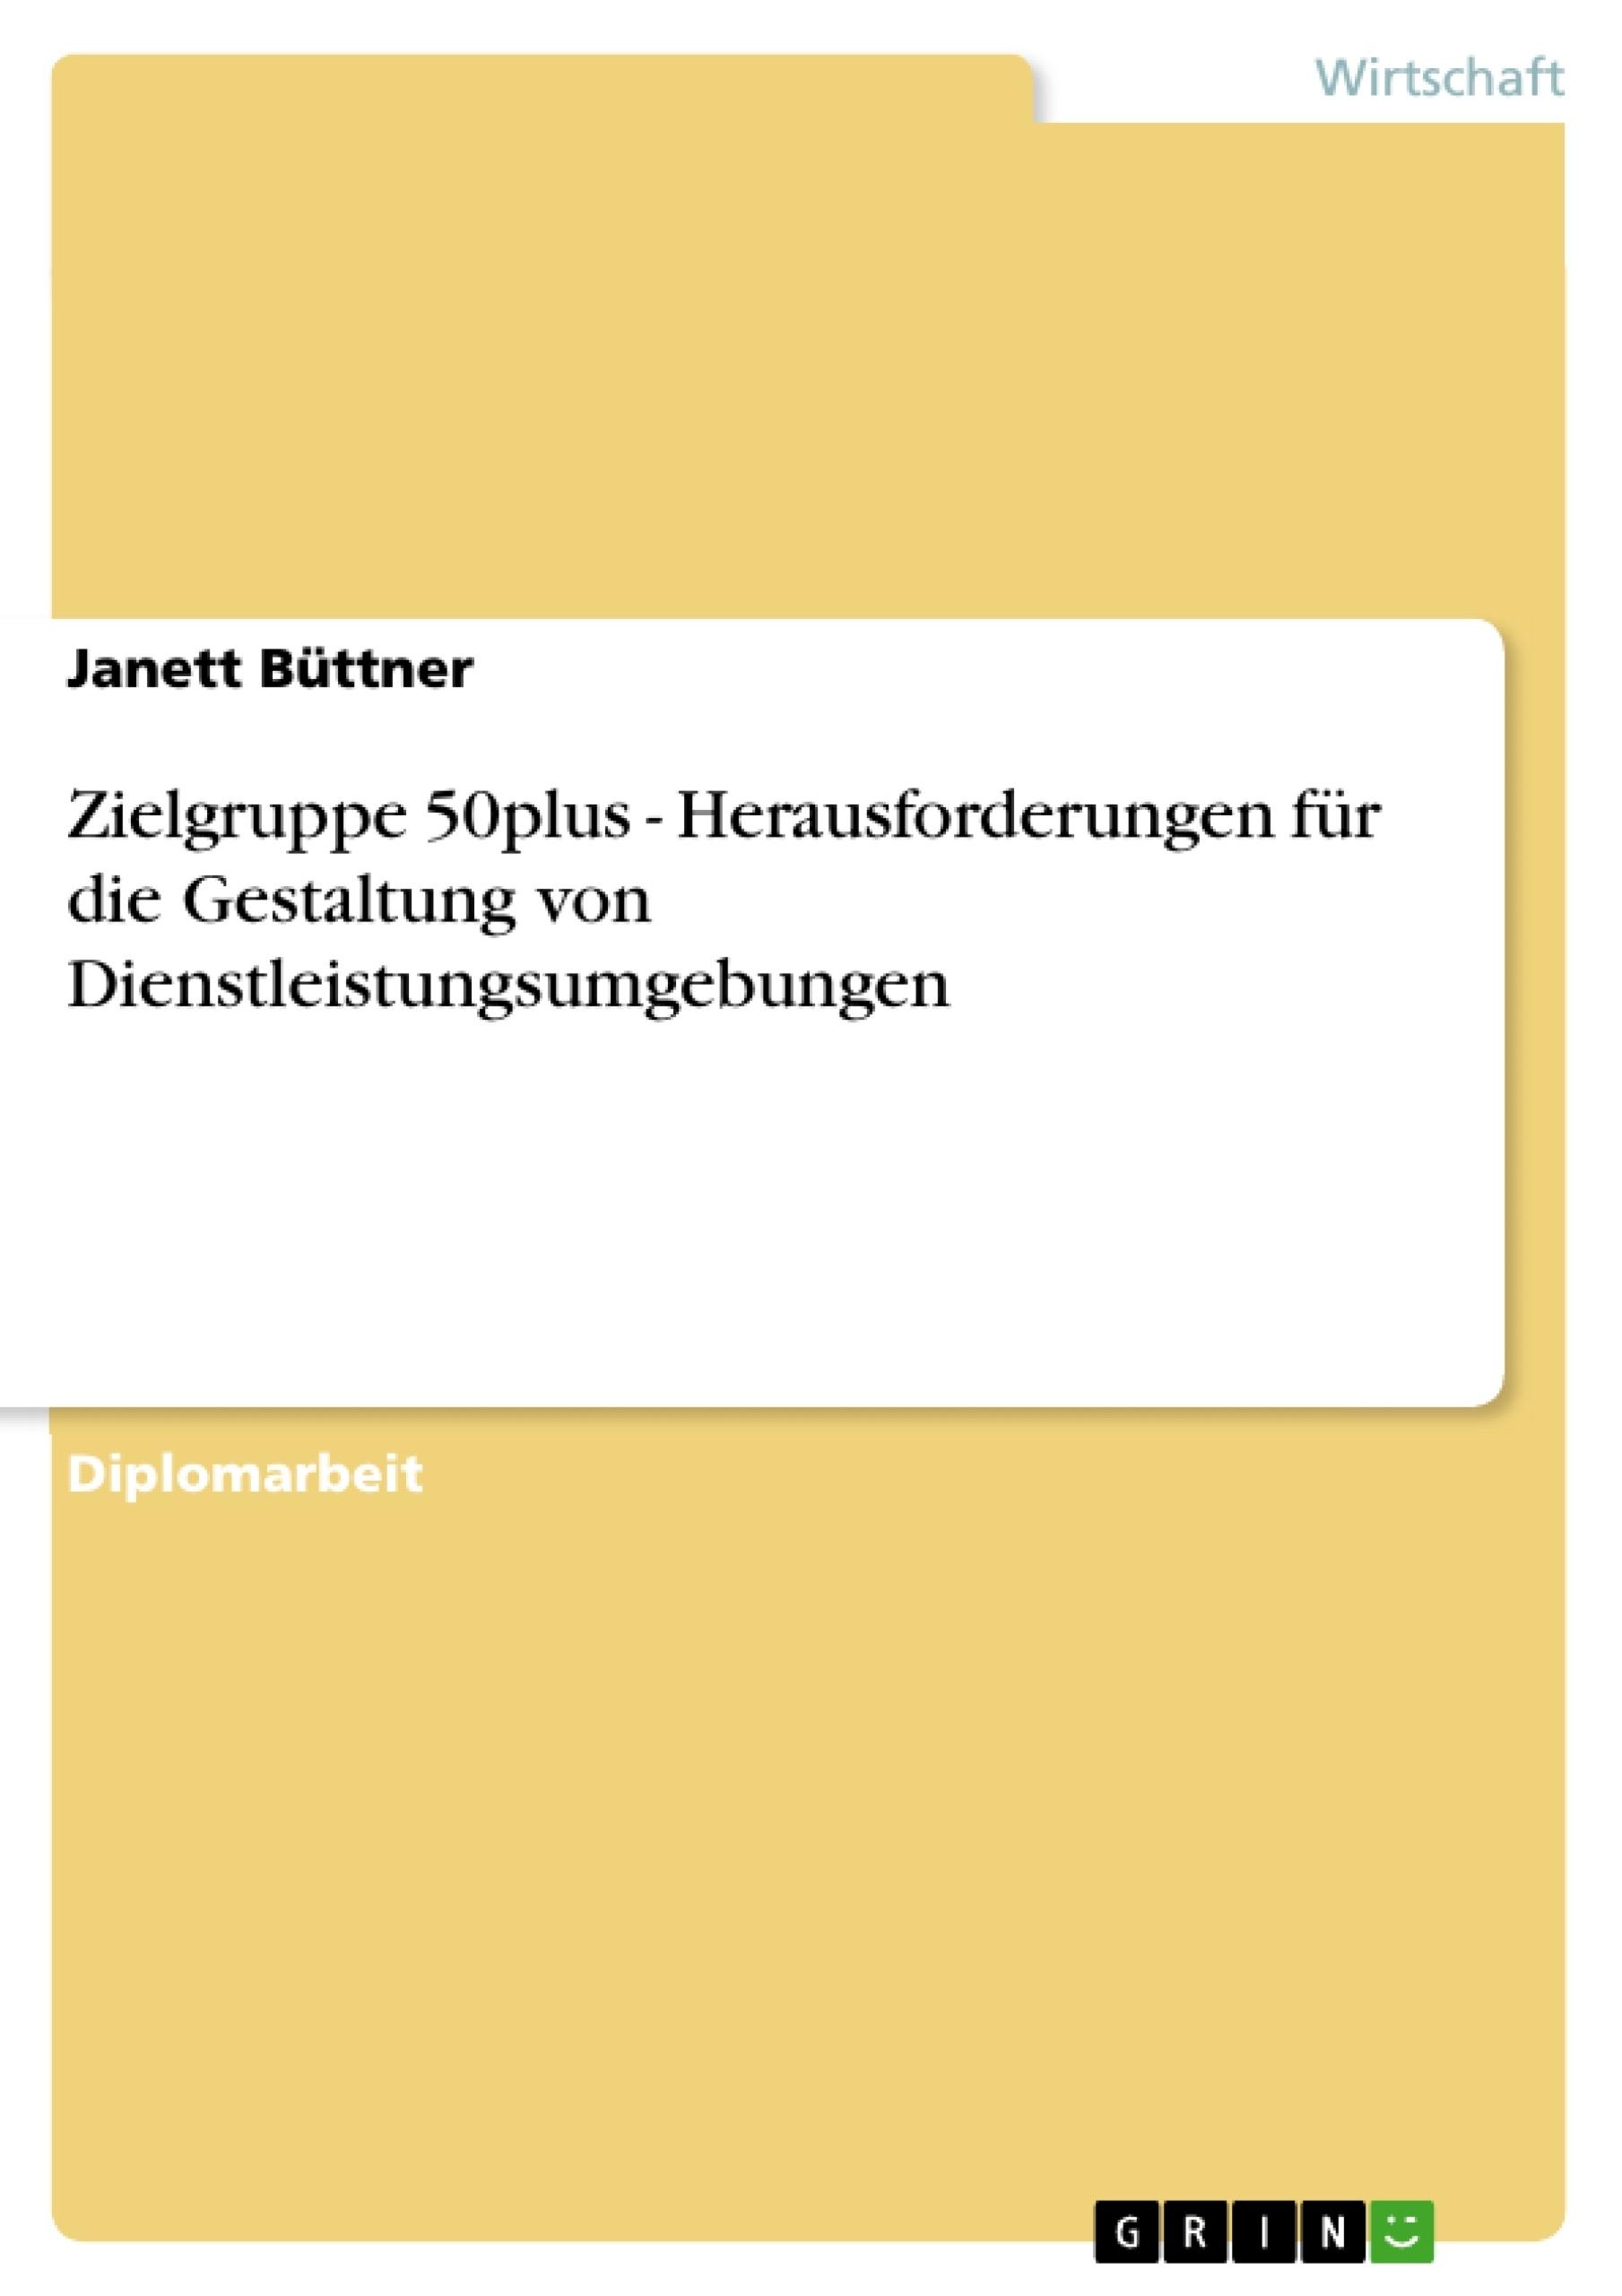 Titel: Zielgruppe 50plus - Herausforderungen für die Gestaltung von Dienstleistungsumgebungen